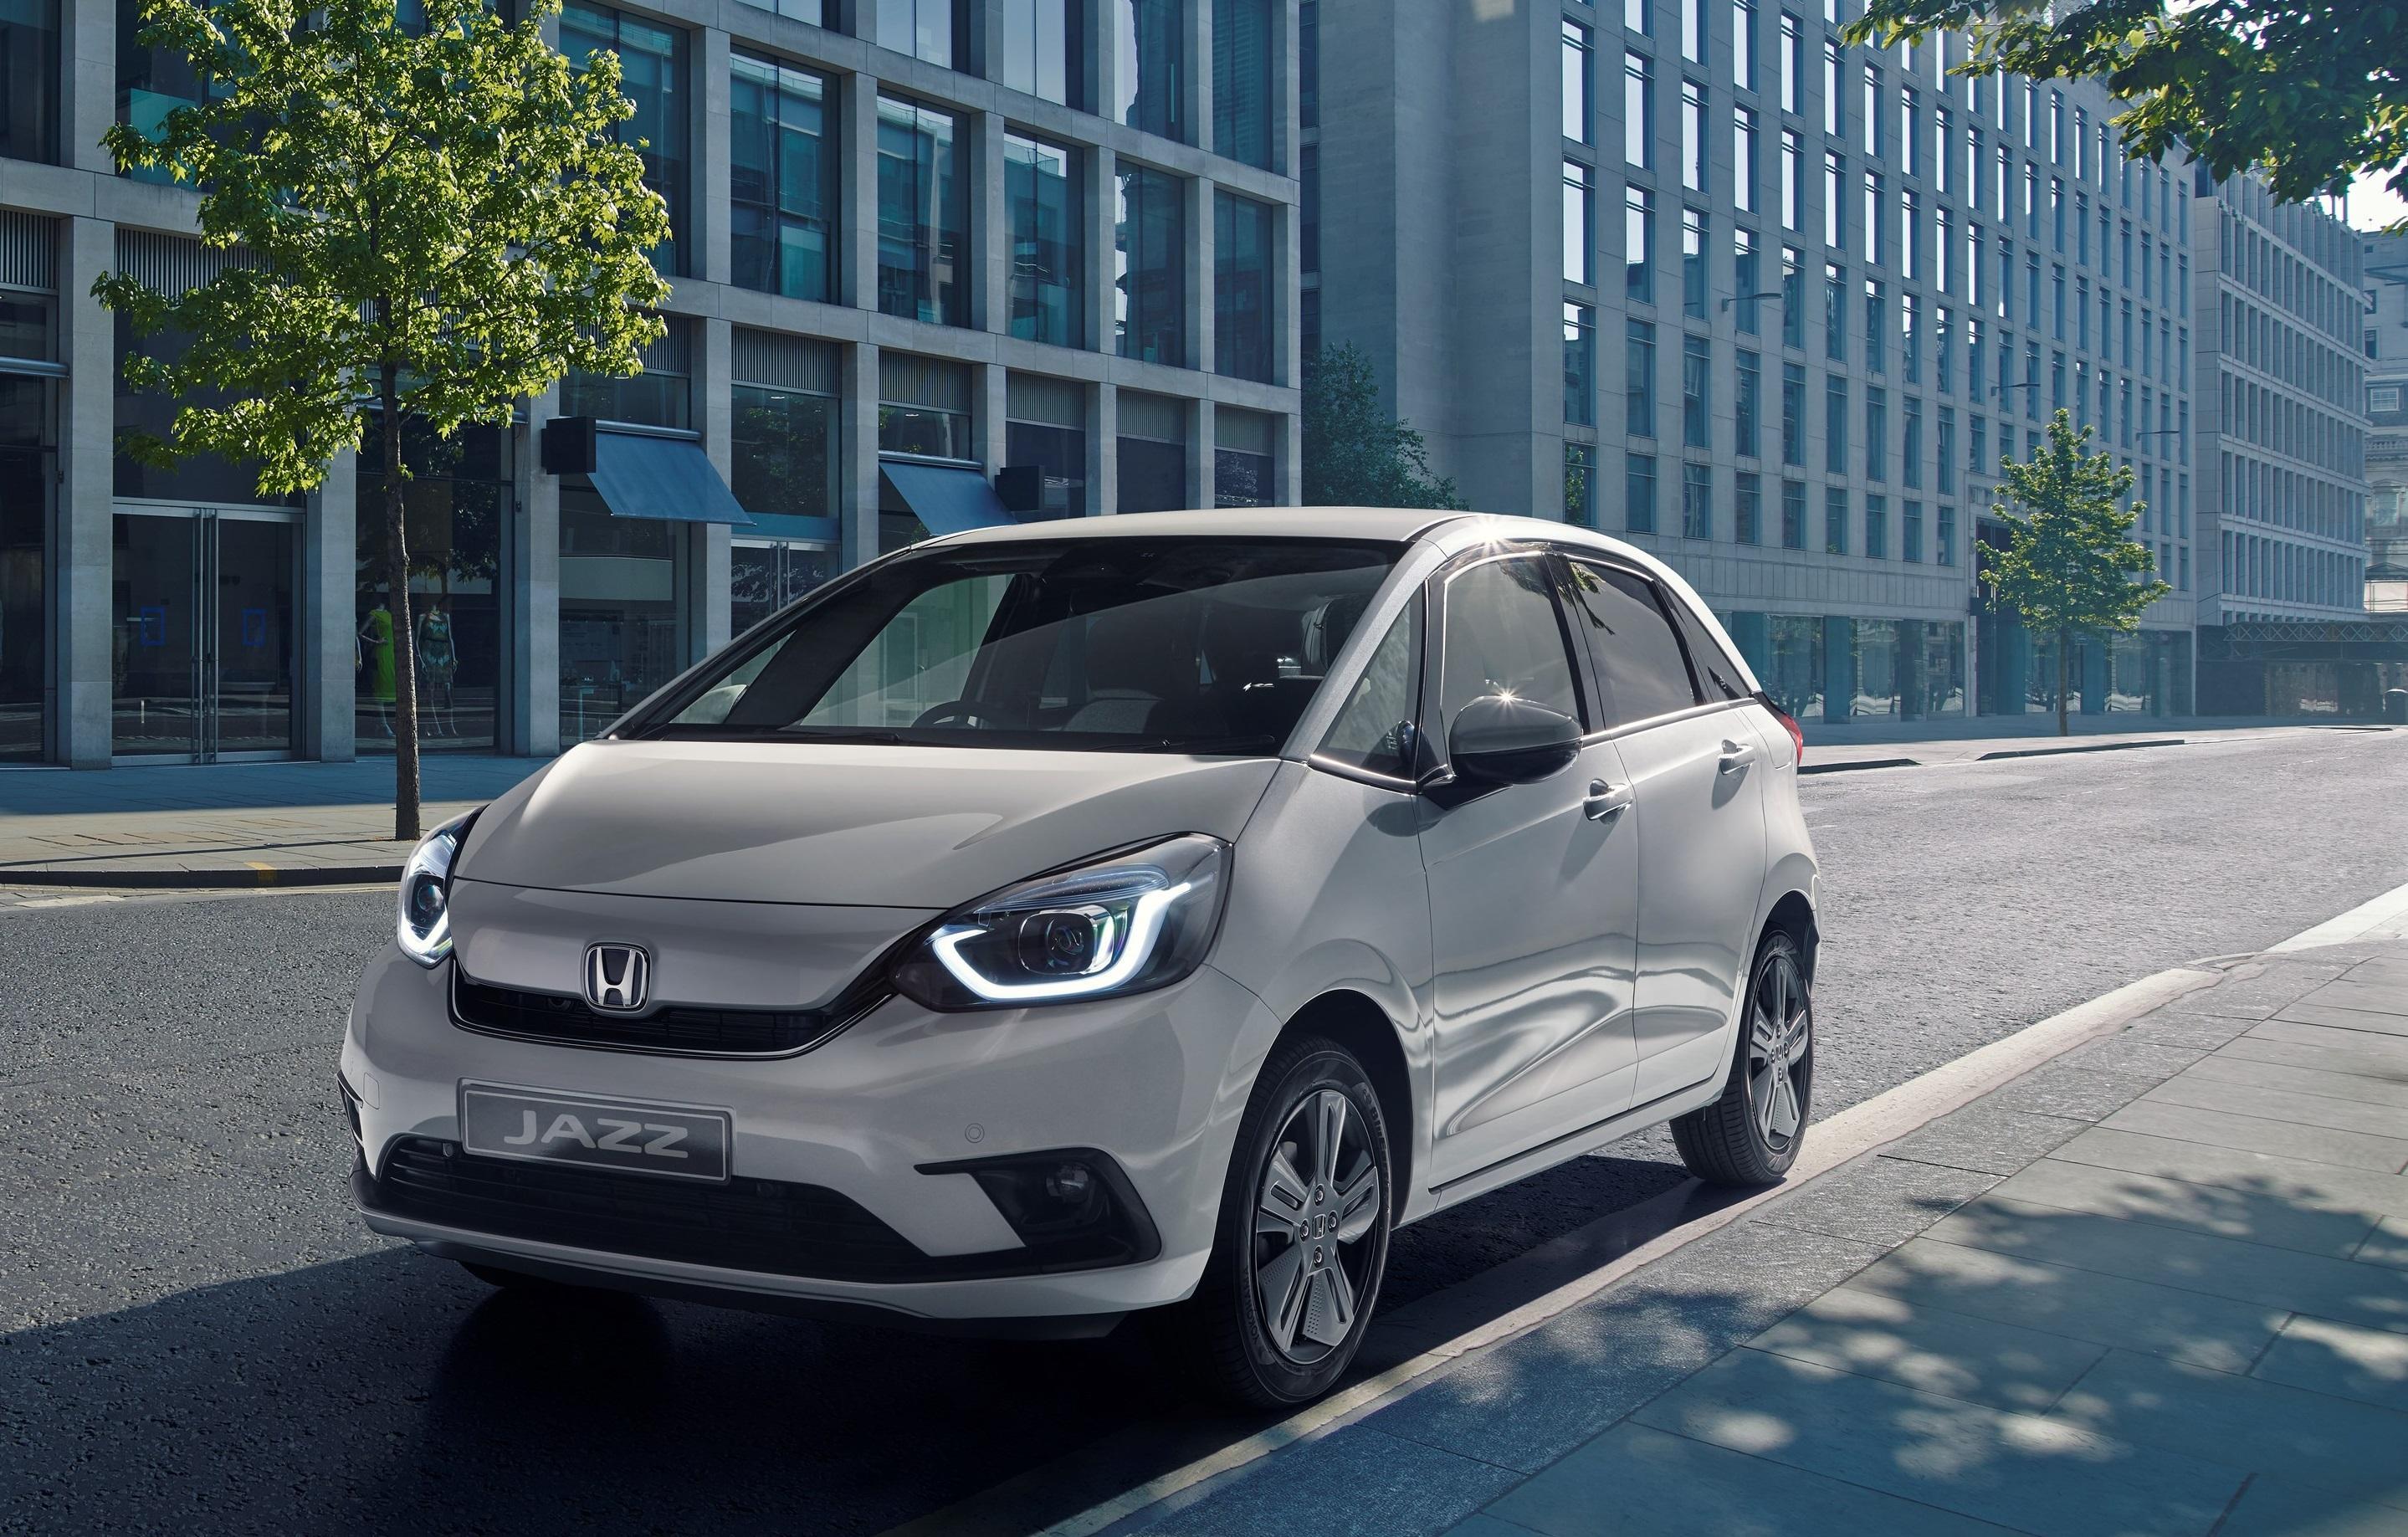 Was ist neu beim Honda Jazz 2020?